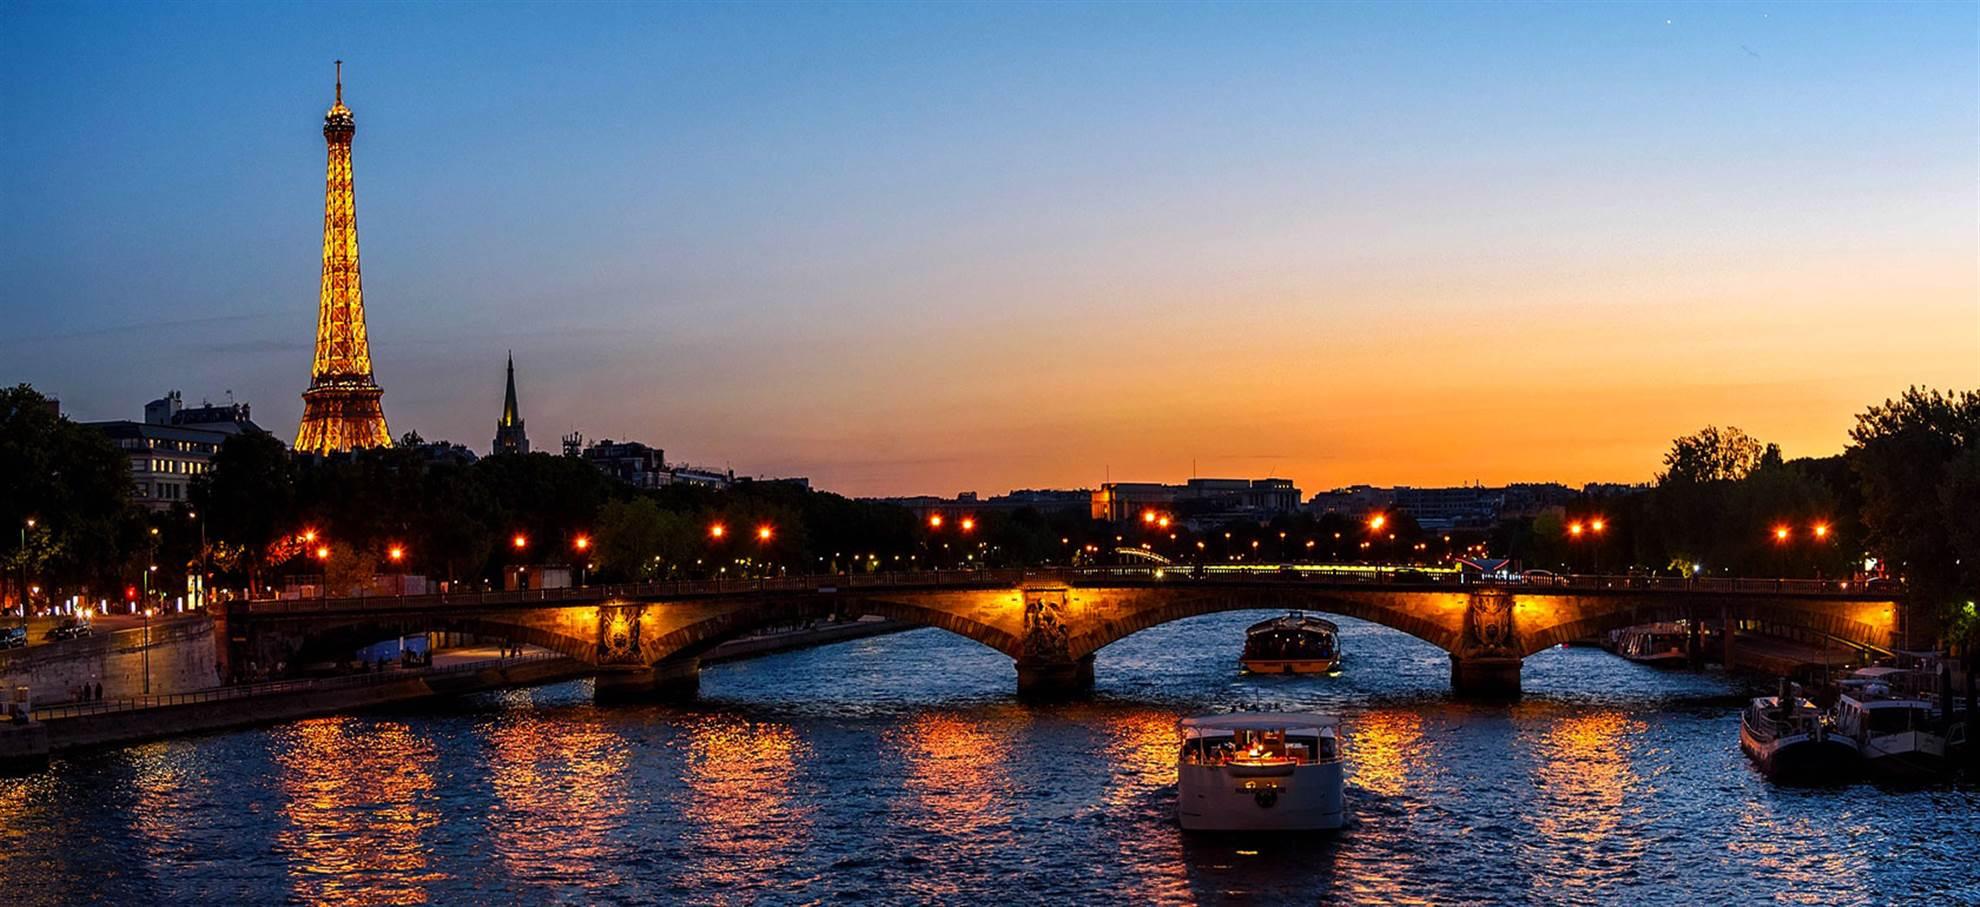 Croisière Seine (départ Tour Eiffel)